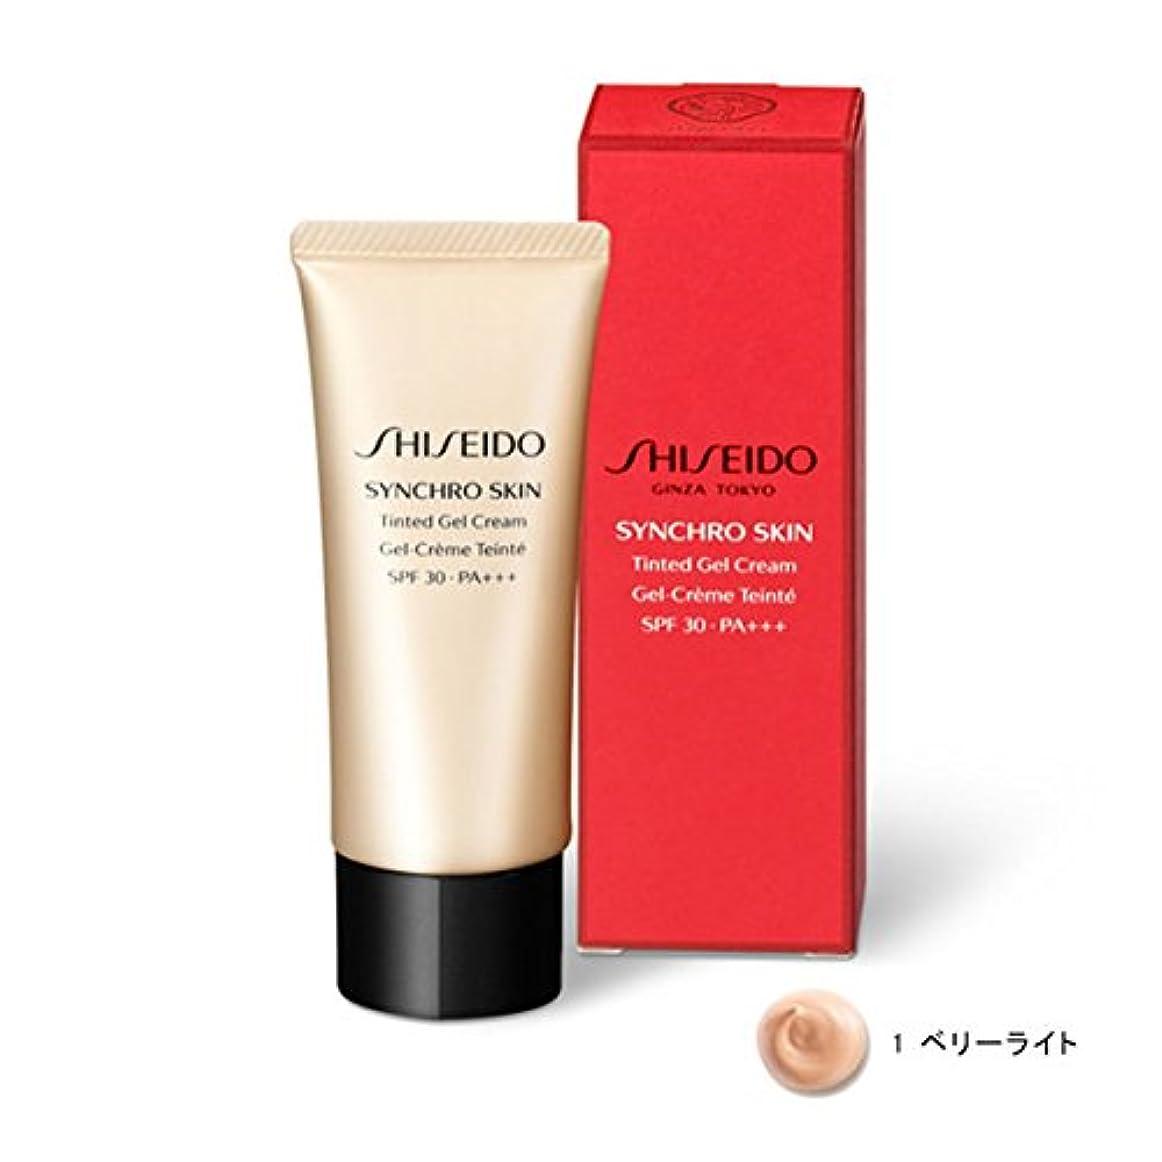 征服するキウイ植木SHISEIDO Makeup(資生堂 メーキャップ) SHISEIDO(資生堂) シンクロスキン ティンティッド ジェルクリーム (1 ベリーライト)